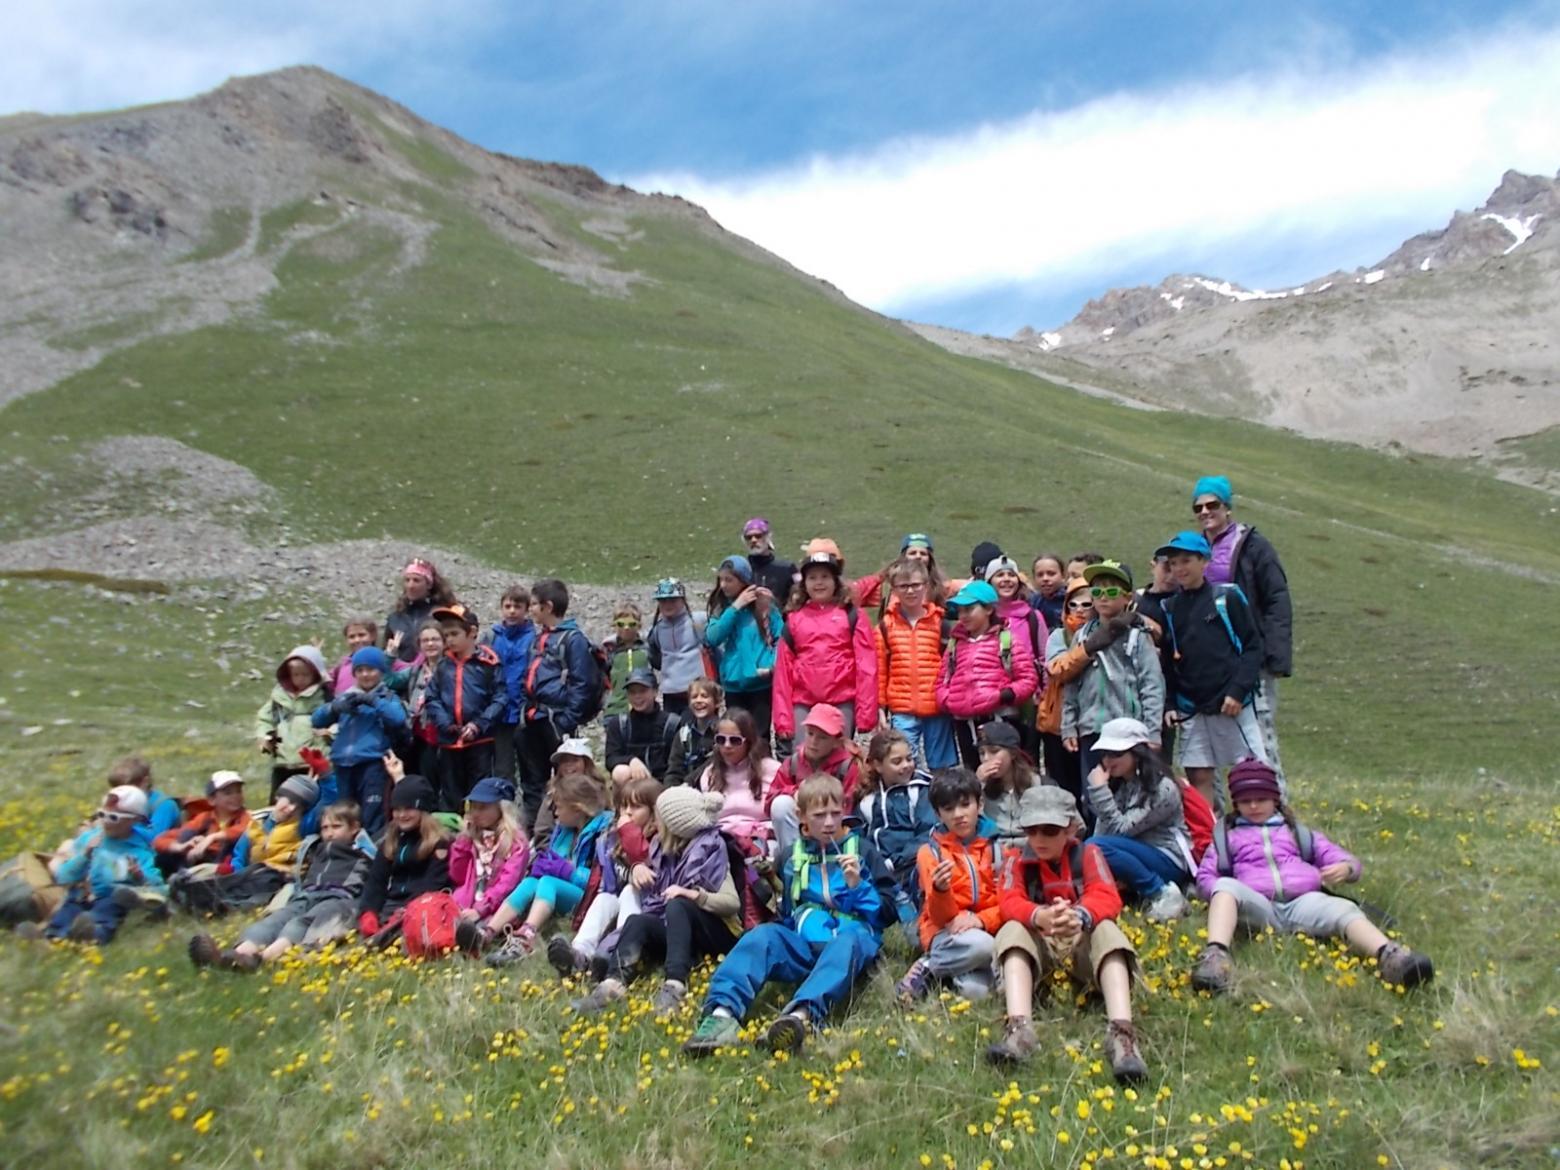 projet pédagogie- école de Pelvoux - Parc national des Ecrins - 2015-2016